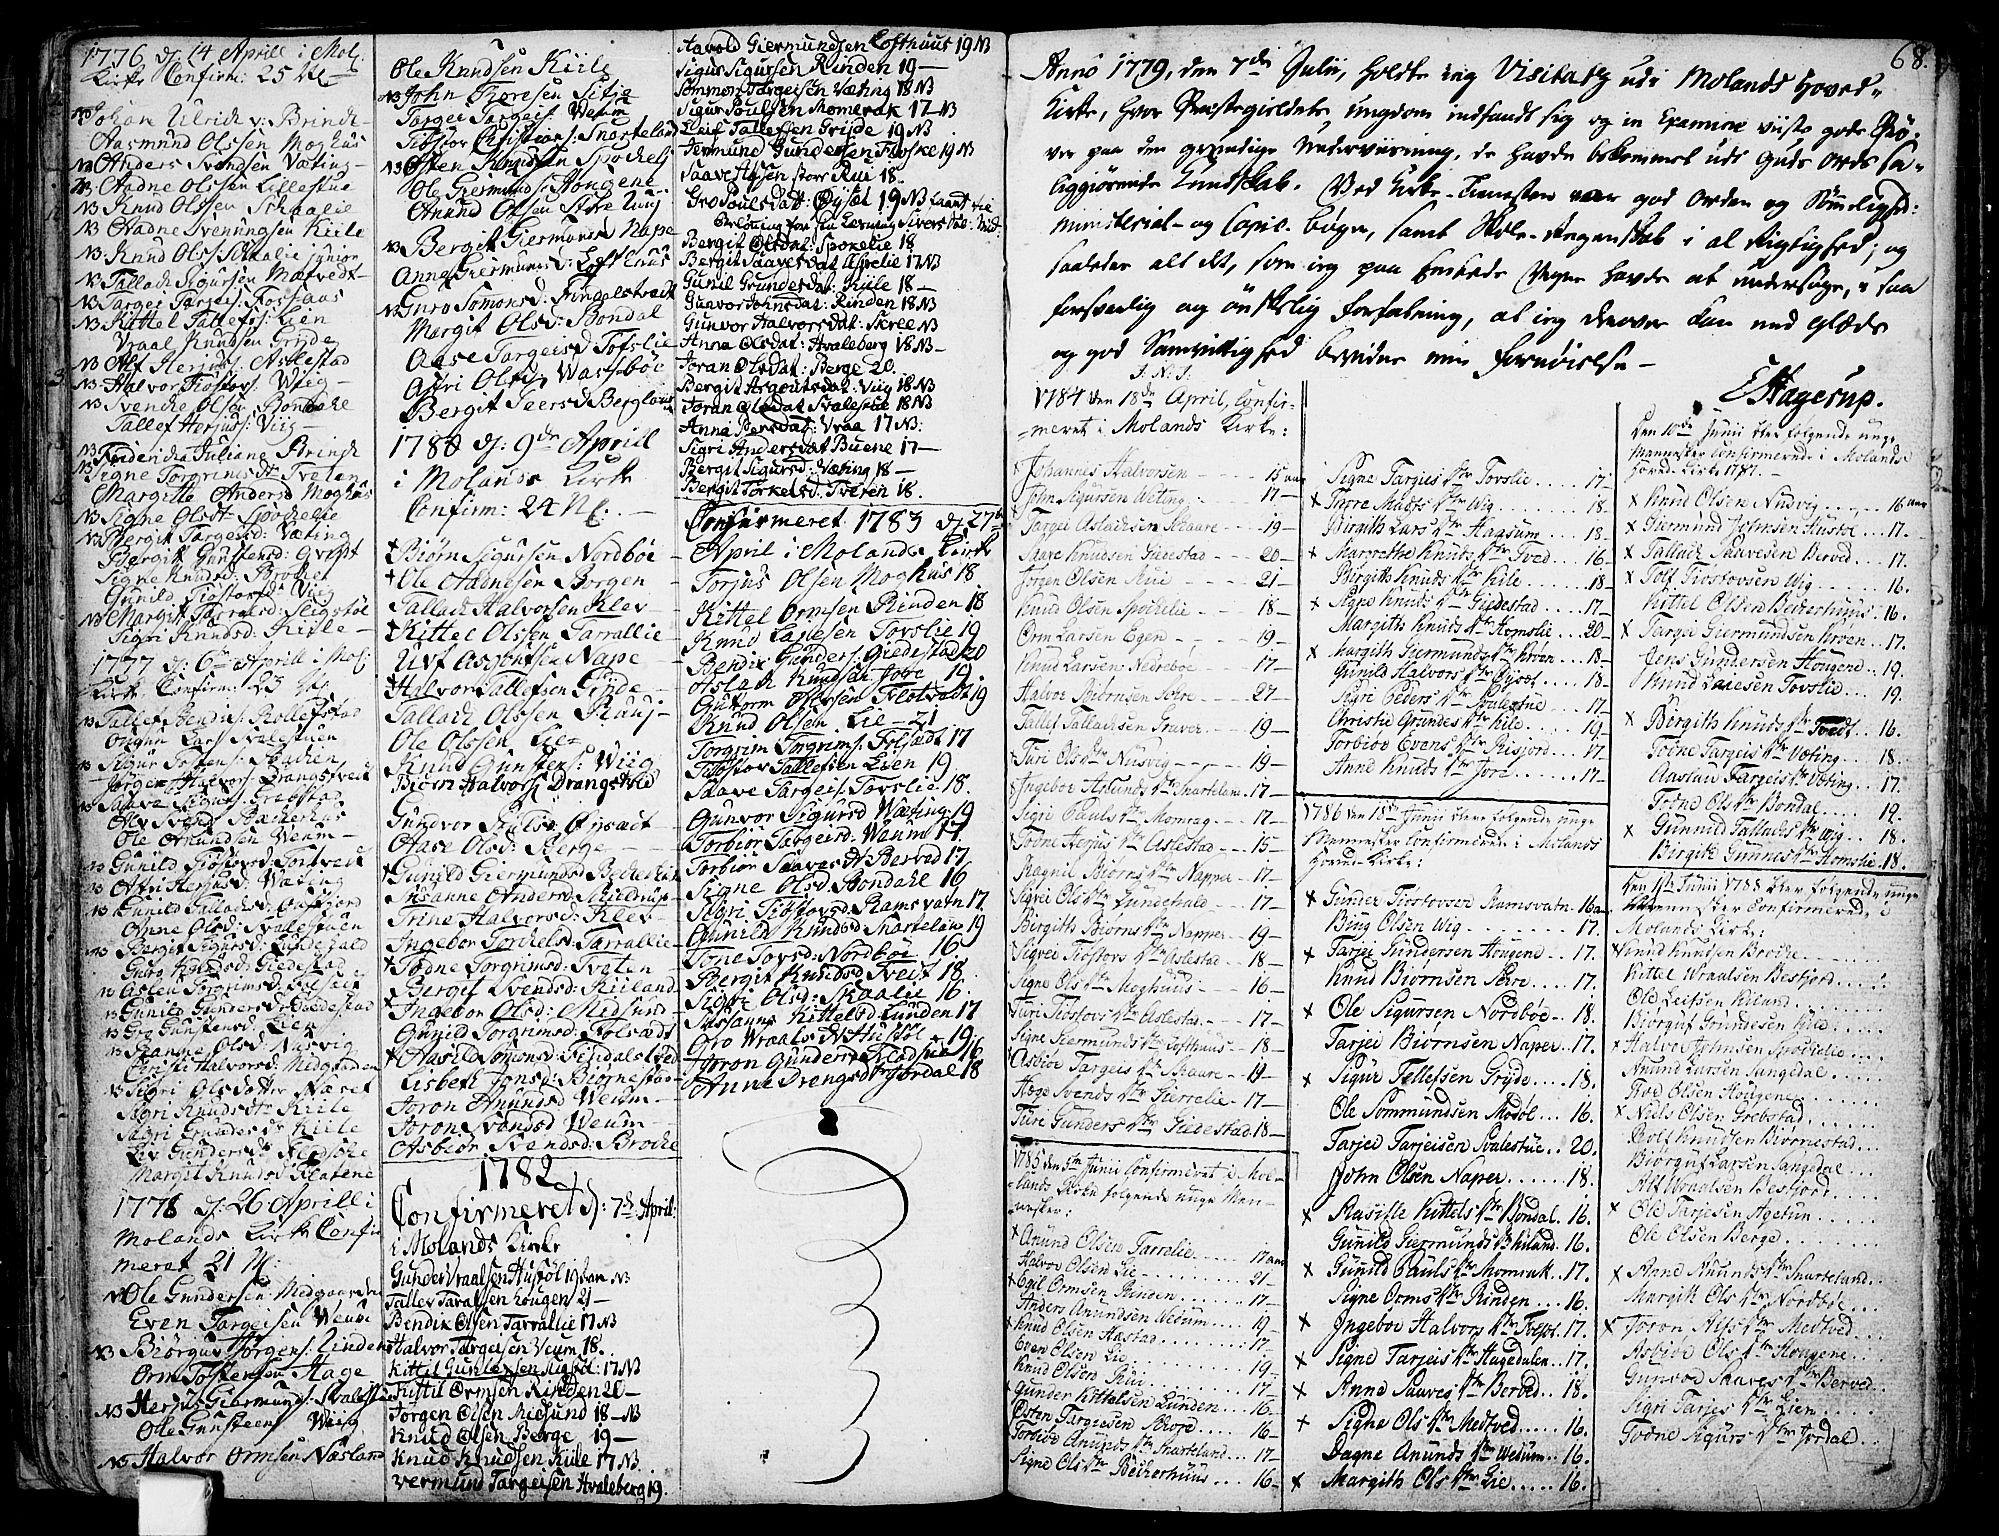 SAKO, Fyresdal kirkebøker, F/Fa/L0002: Ministerialbok nr. I 2, 1769-1814, s. 68